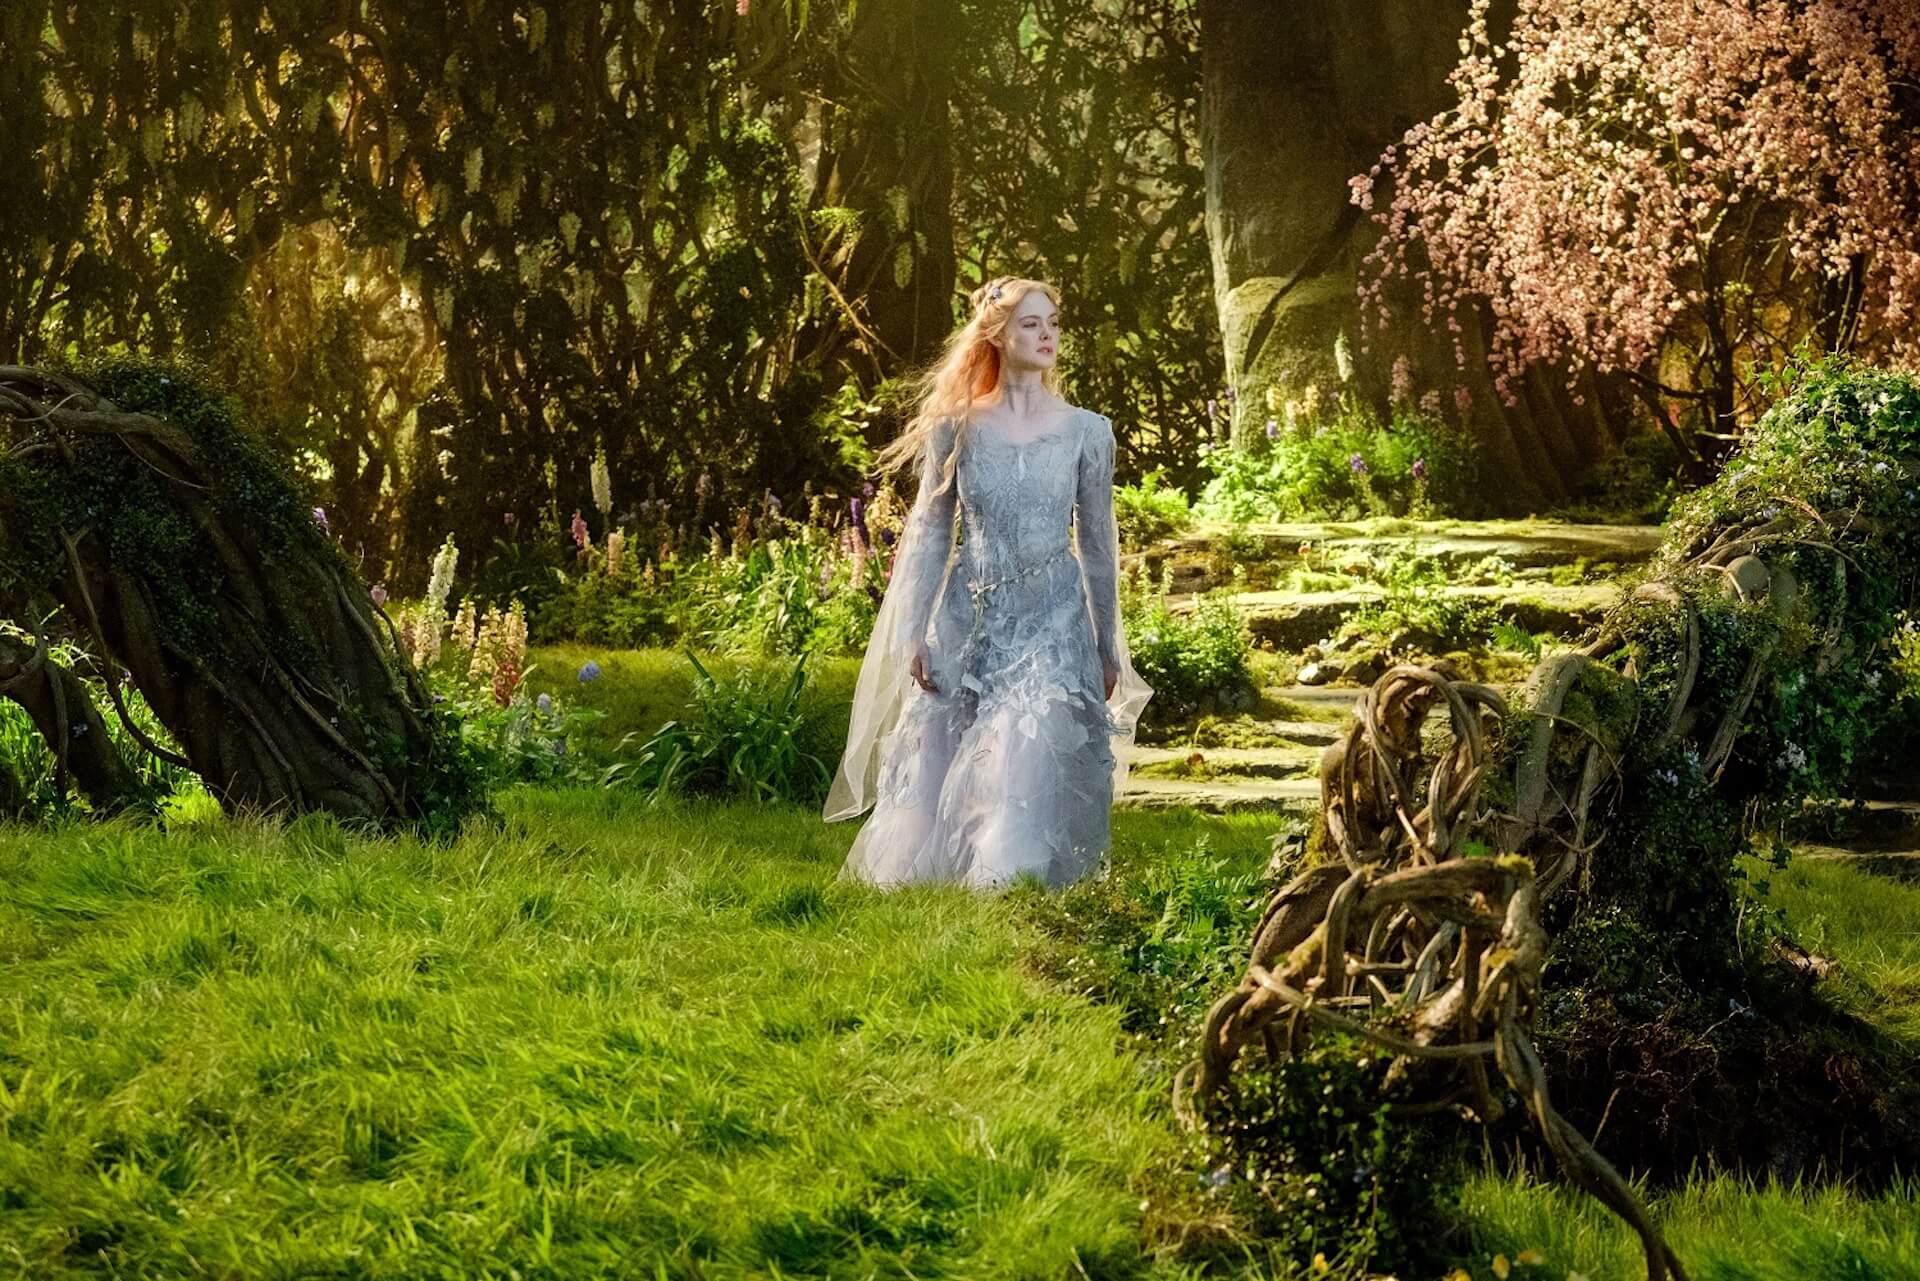 オーロラ姫とマレフィセントが結婚の話をめぐり口論に|全国公開が迫る『マレフィセント2』から本編シーンが解禁 film191011_maleficent2_01